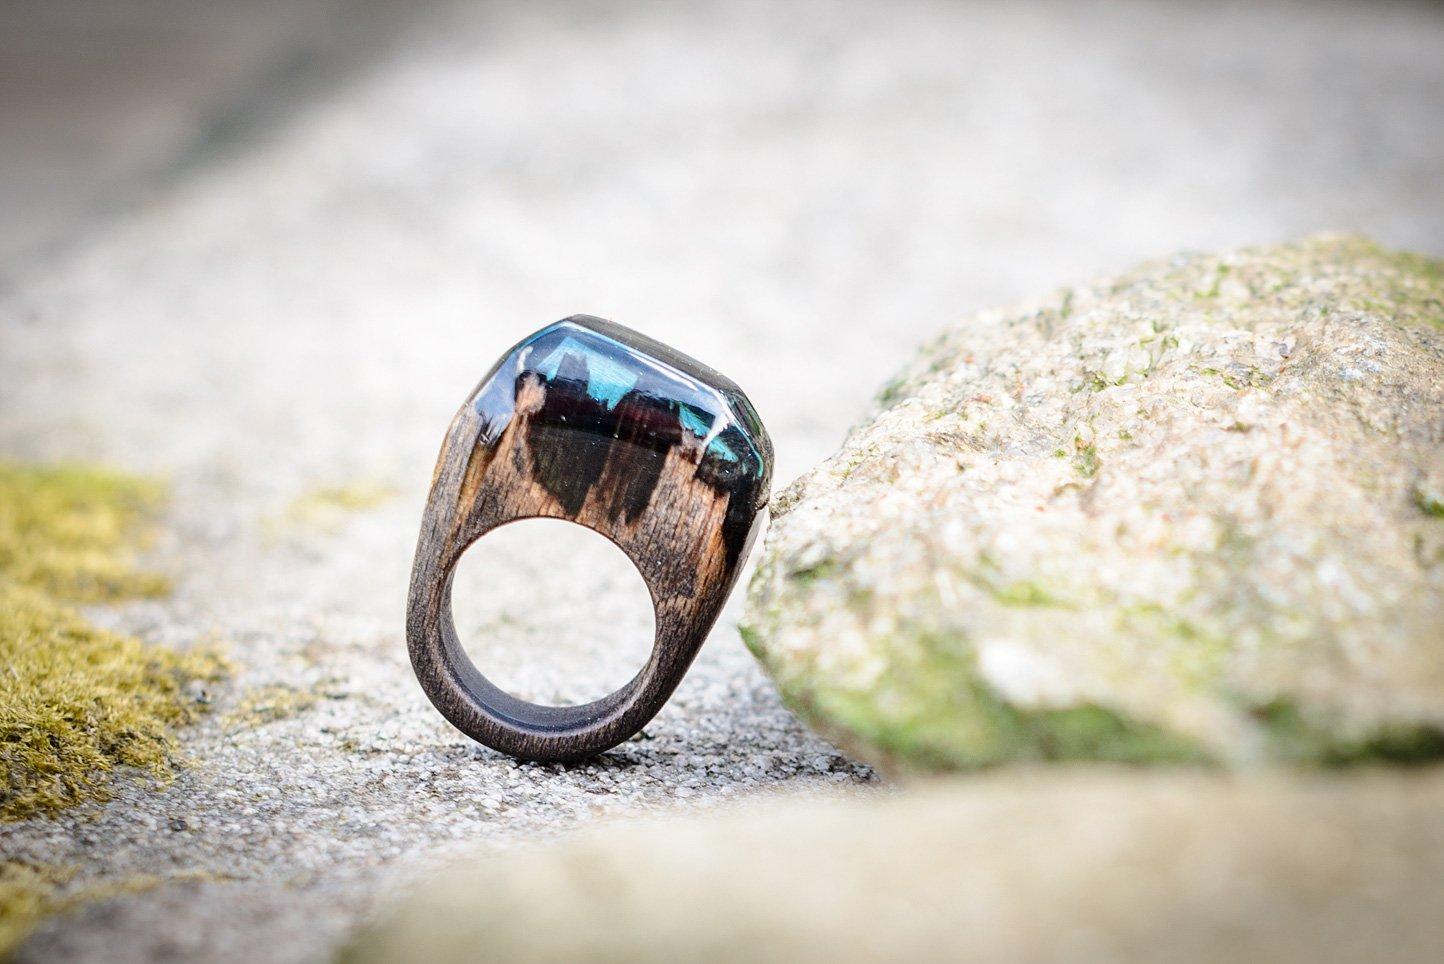 Таинственное кольцо из дерева и эпоксидной смолы